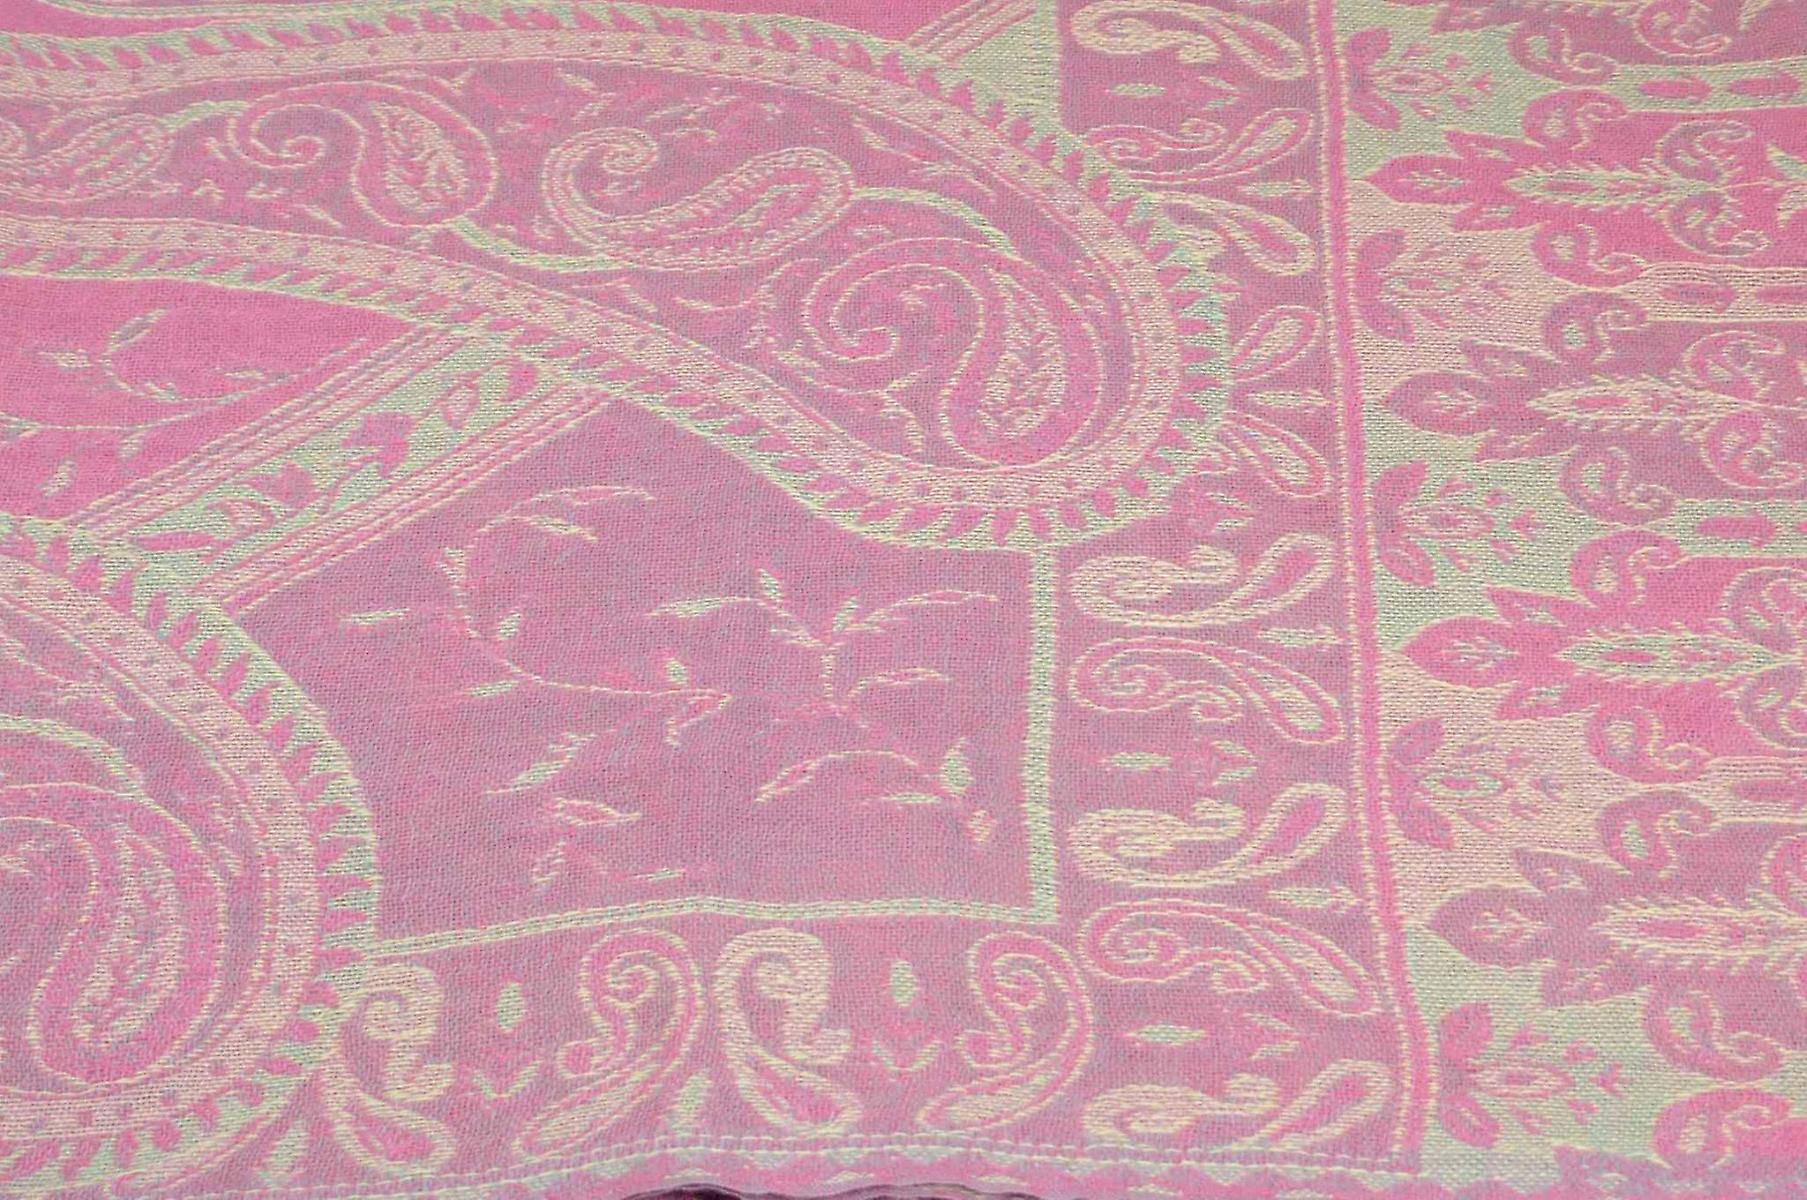 Muffler Scarf 7073 in Fine Pashmina Wool Heritage Range by Pashmina & Silk